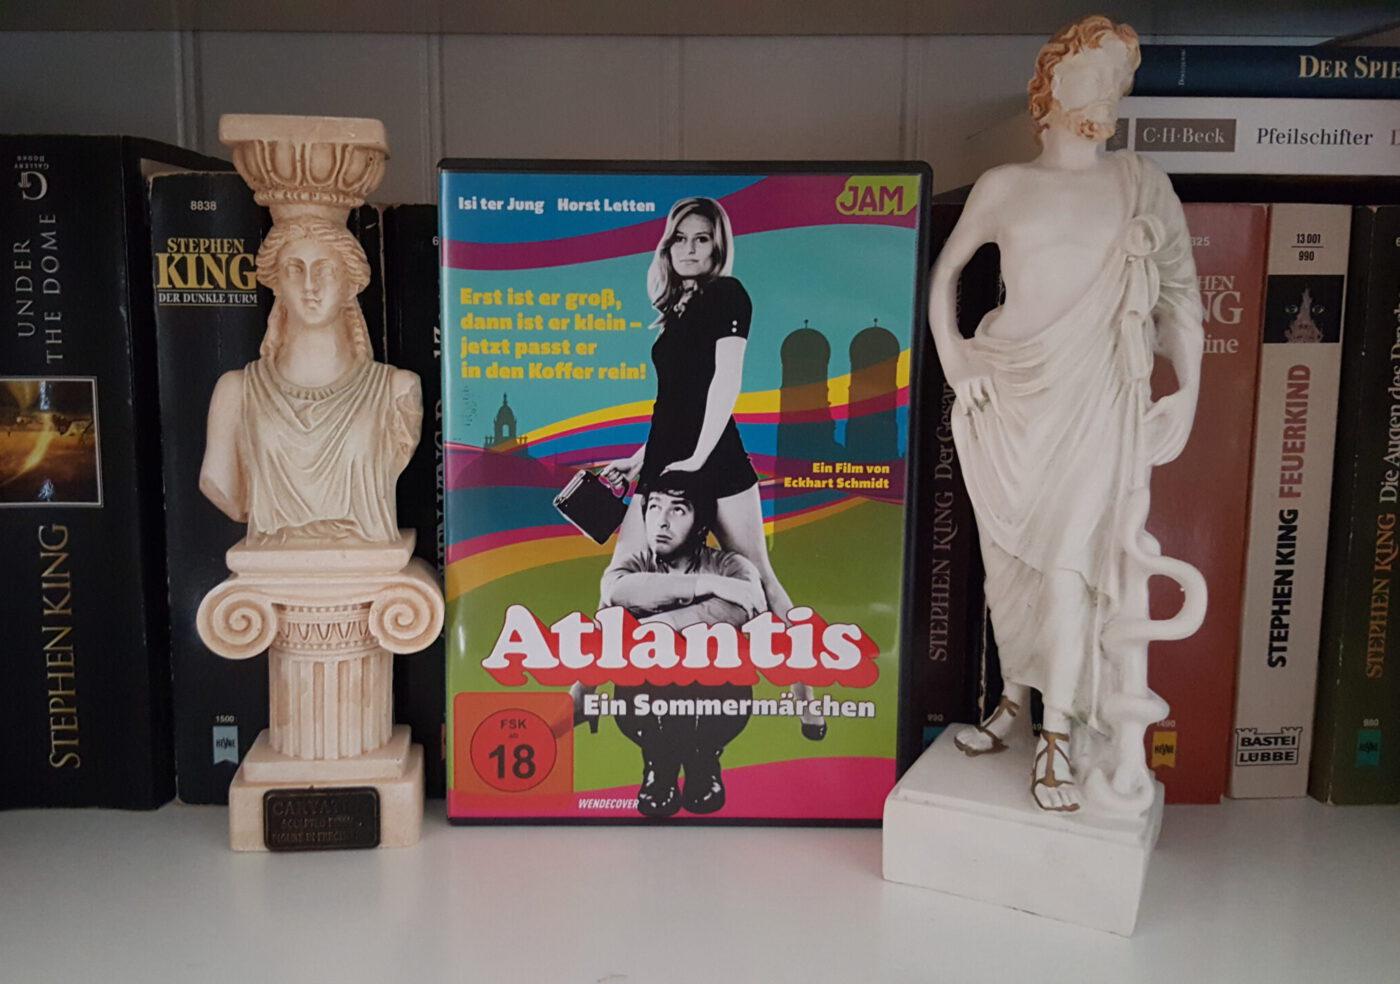 Atlantis - Ein Sommermärchen